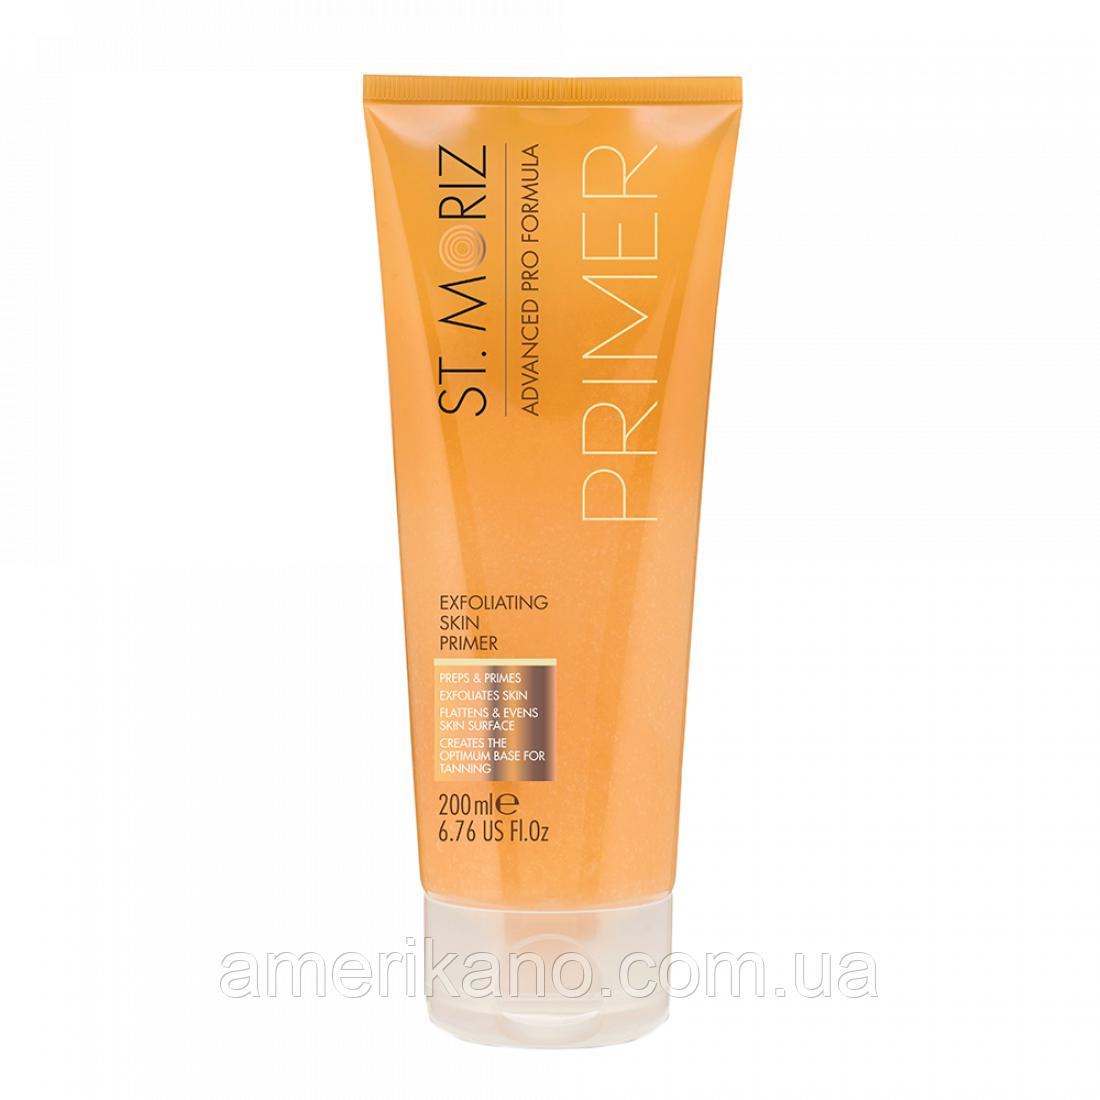 Відлущуючий скраб для тіла St.Moriz Advanced Exfoliating Skin Primer, 200 мл